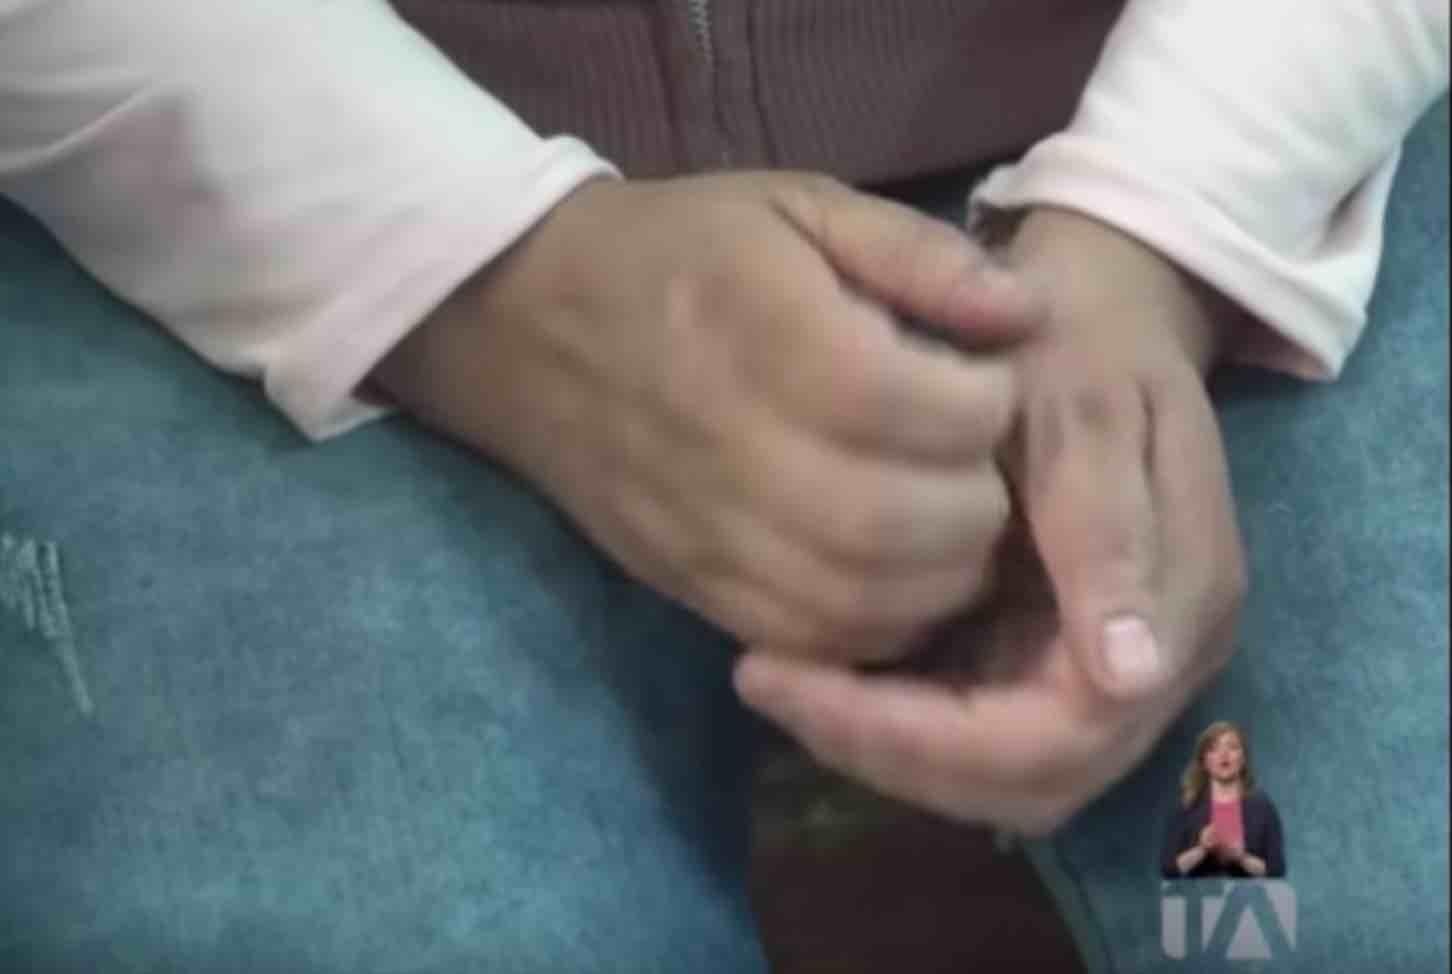 Una menor de 11 años fue presuntamente violada en su casa y en la iglesia evangélica en Riobamba